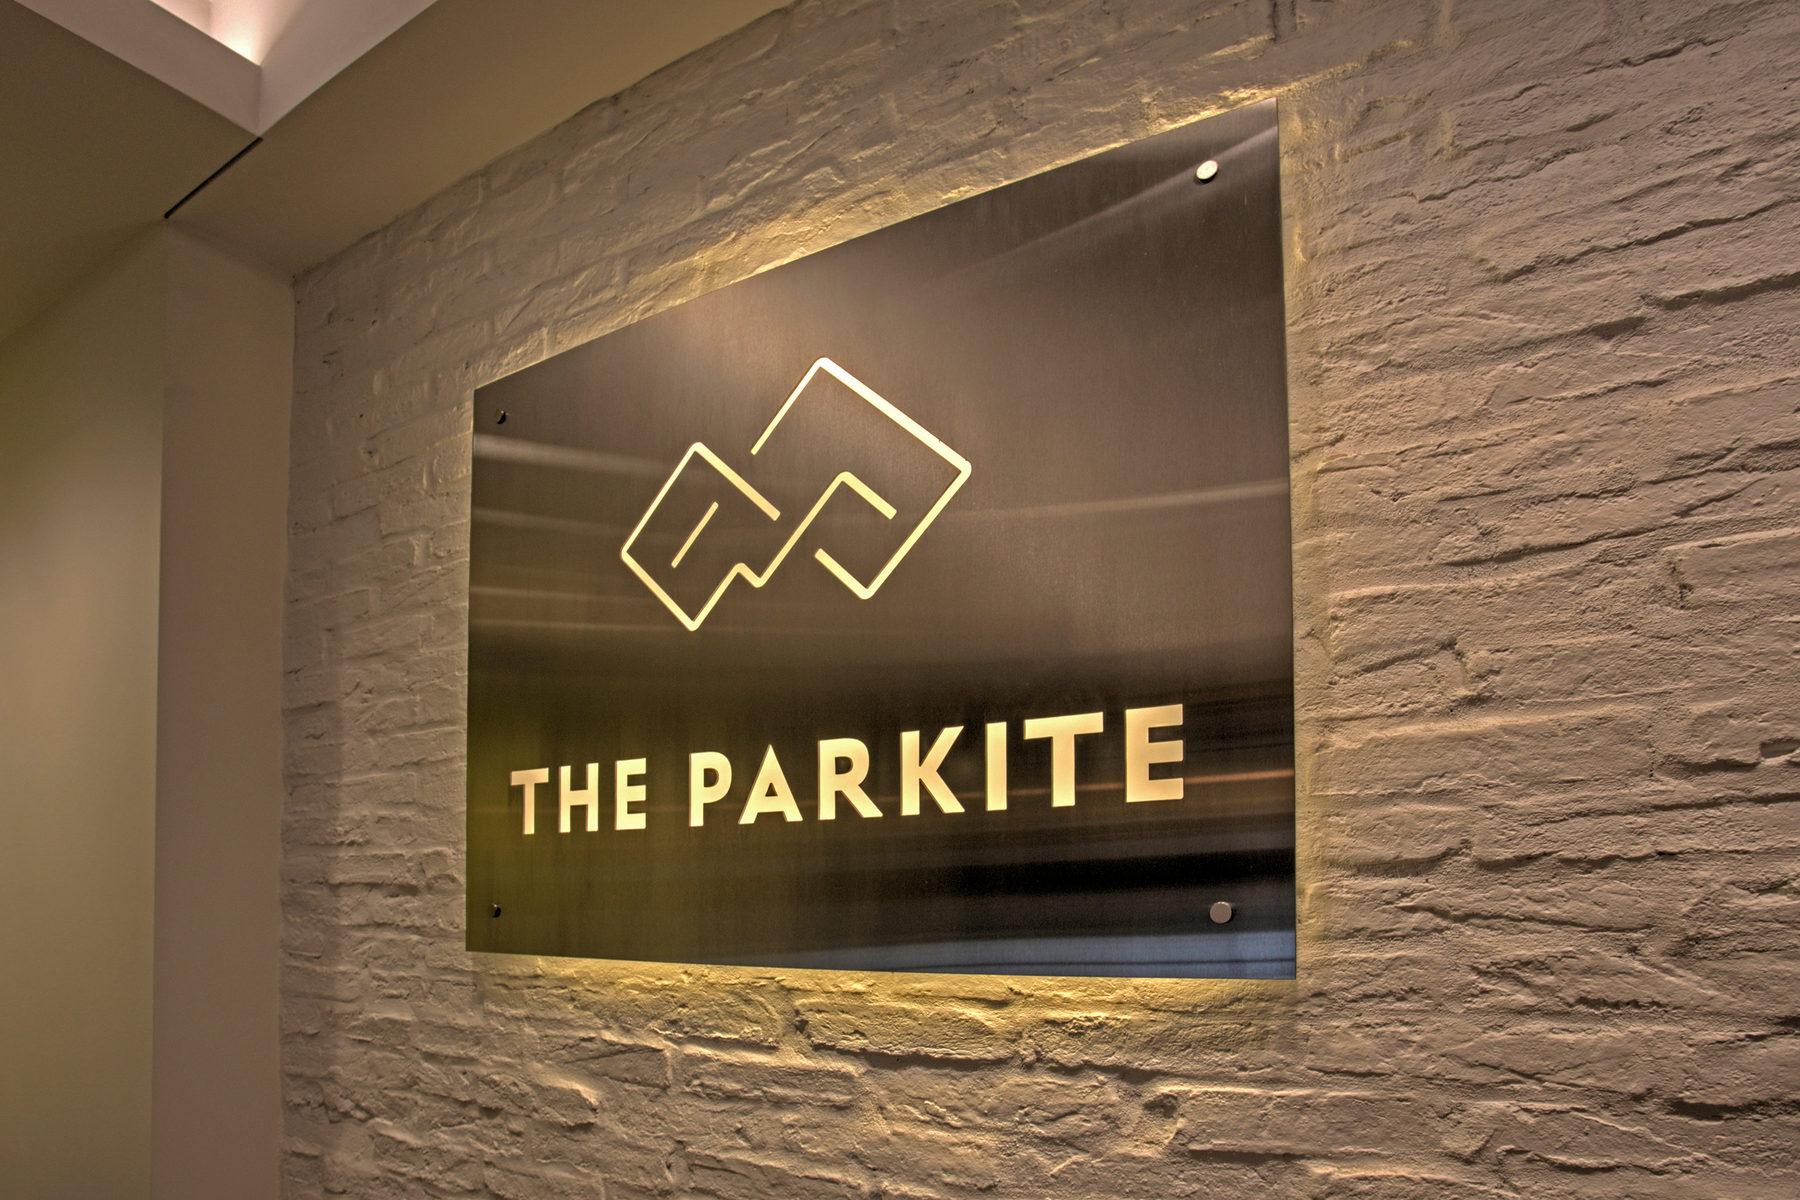 Кооперативная квартира для того Продажа на The Parkite Luxury Condominiums in Park City 333 Main St #20 Park City, Юта 84060 Соединенные Штаты